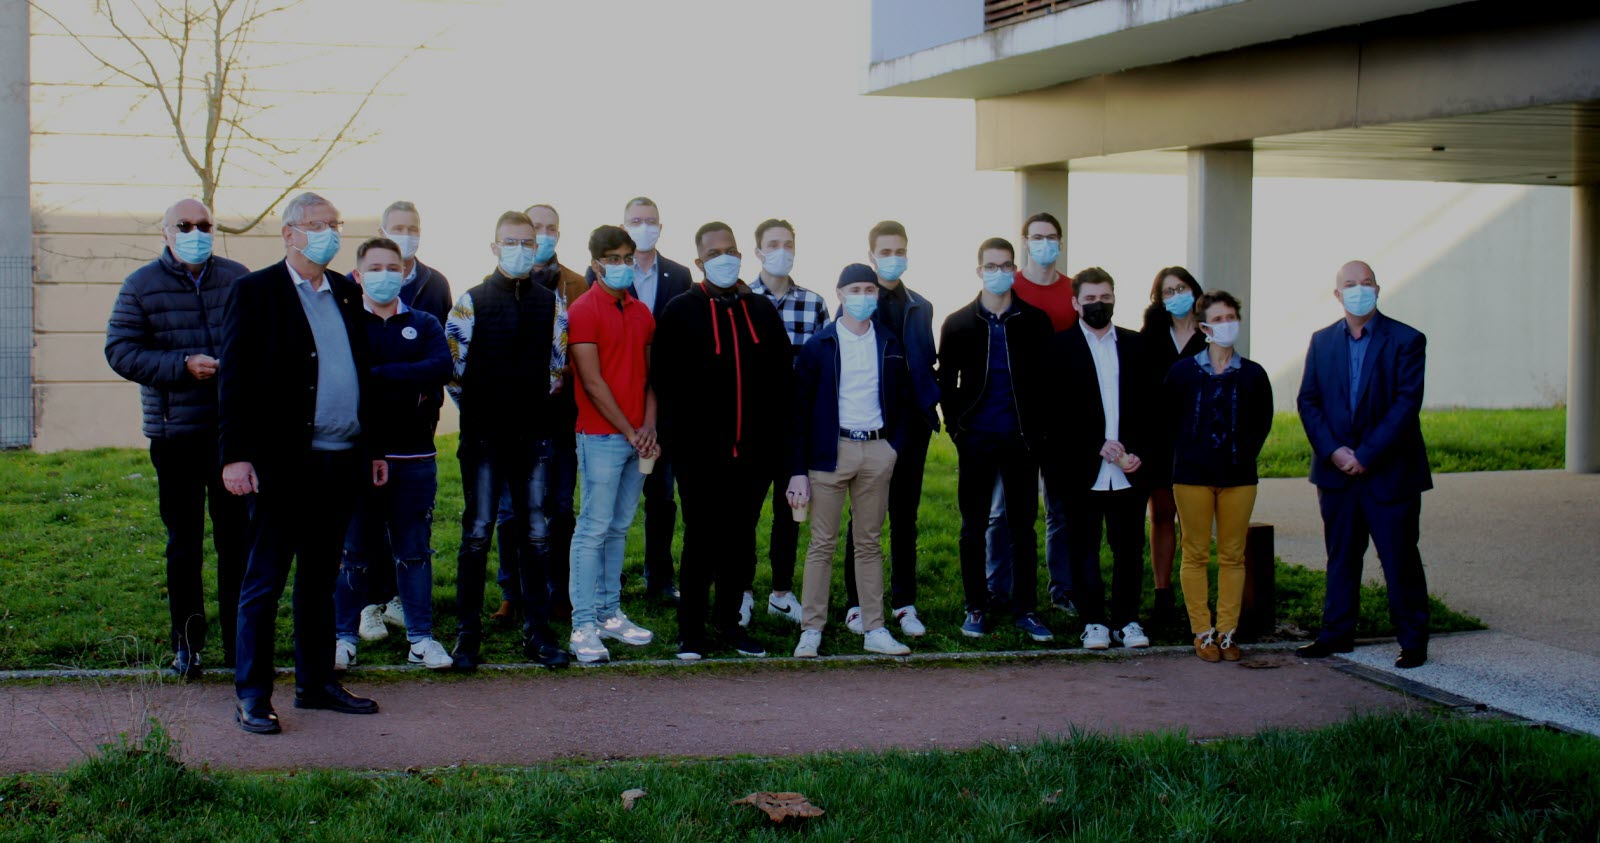 la-delegation-du-lions-club-montcellien-recue-au-lycee-parriat-photo-jsl-mathias-chaidat-1614350621